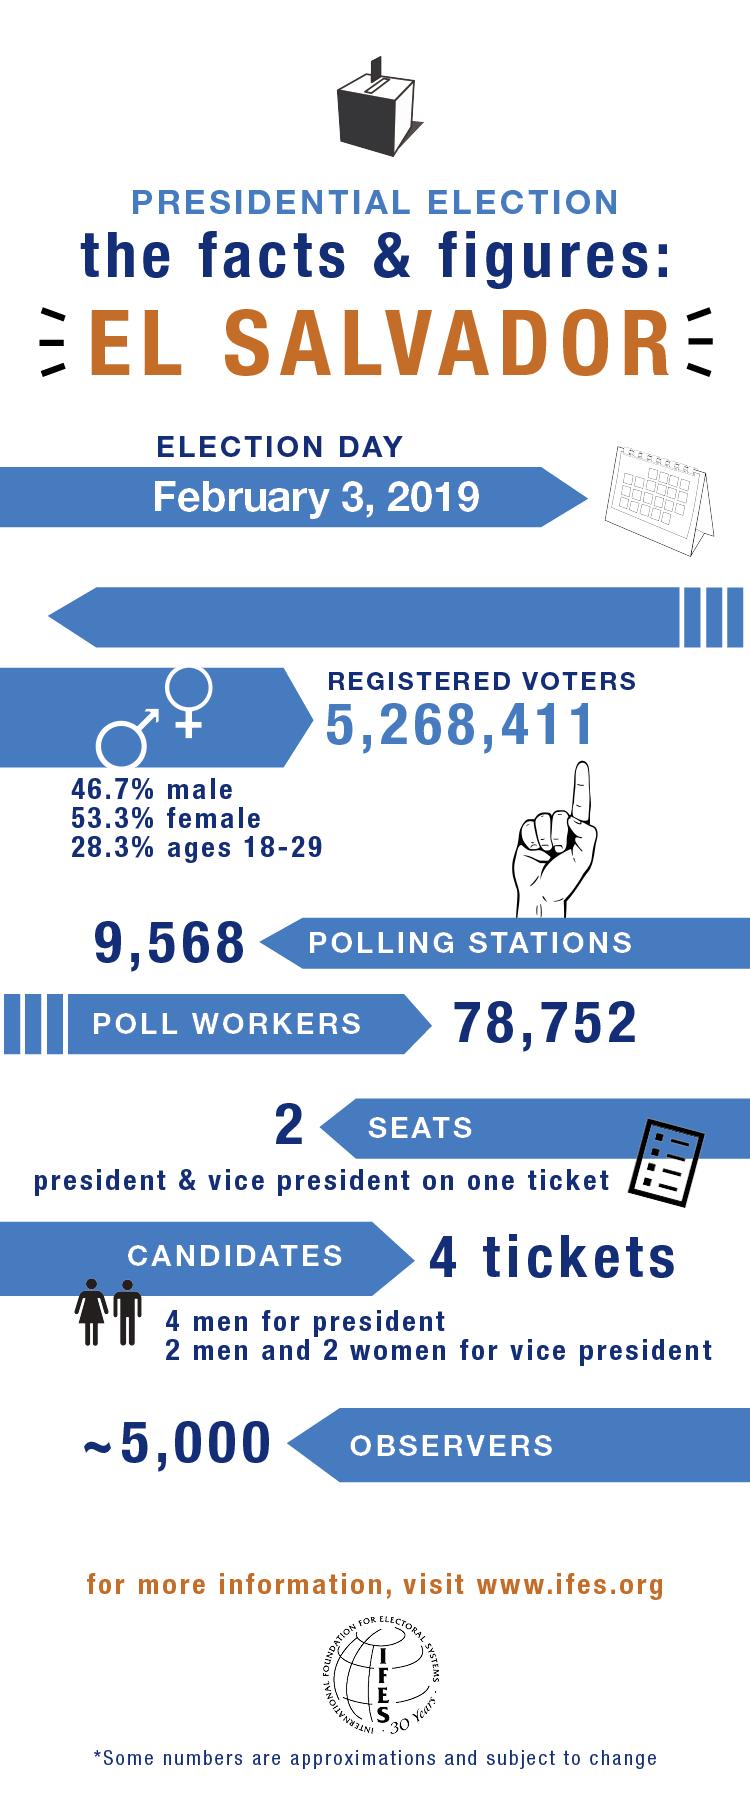 Elections in El Salvador: 2019 Presidential Election.